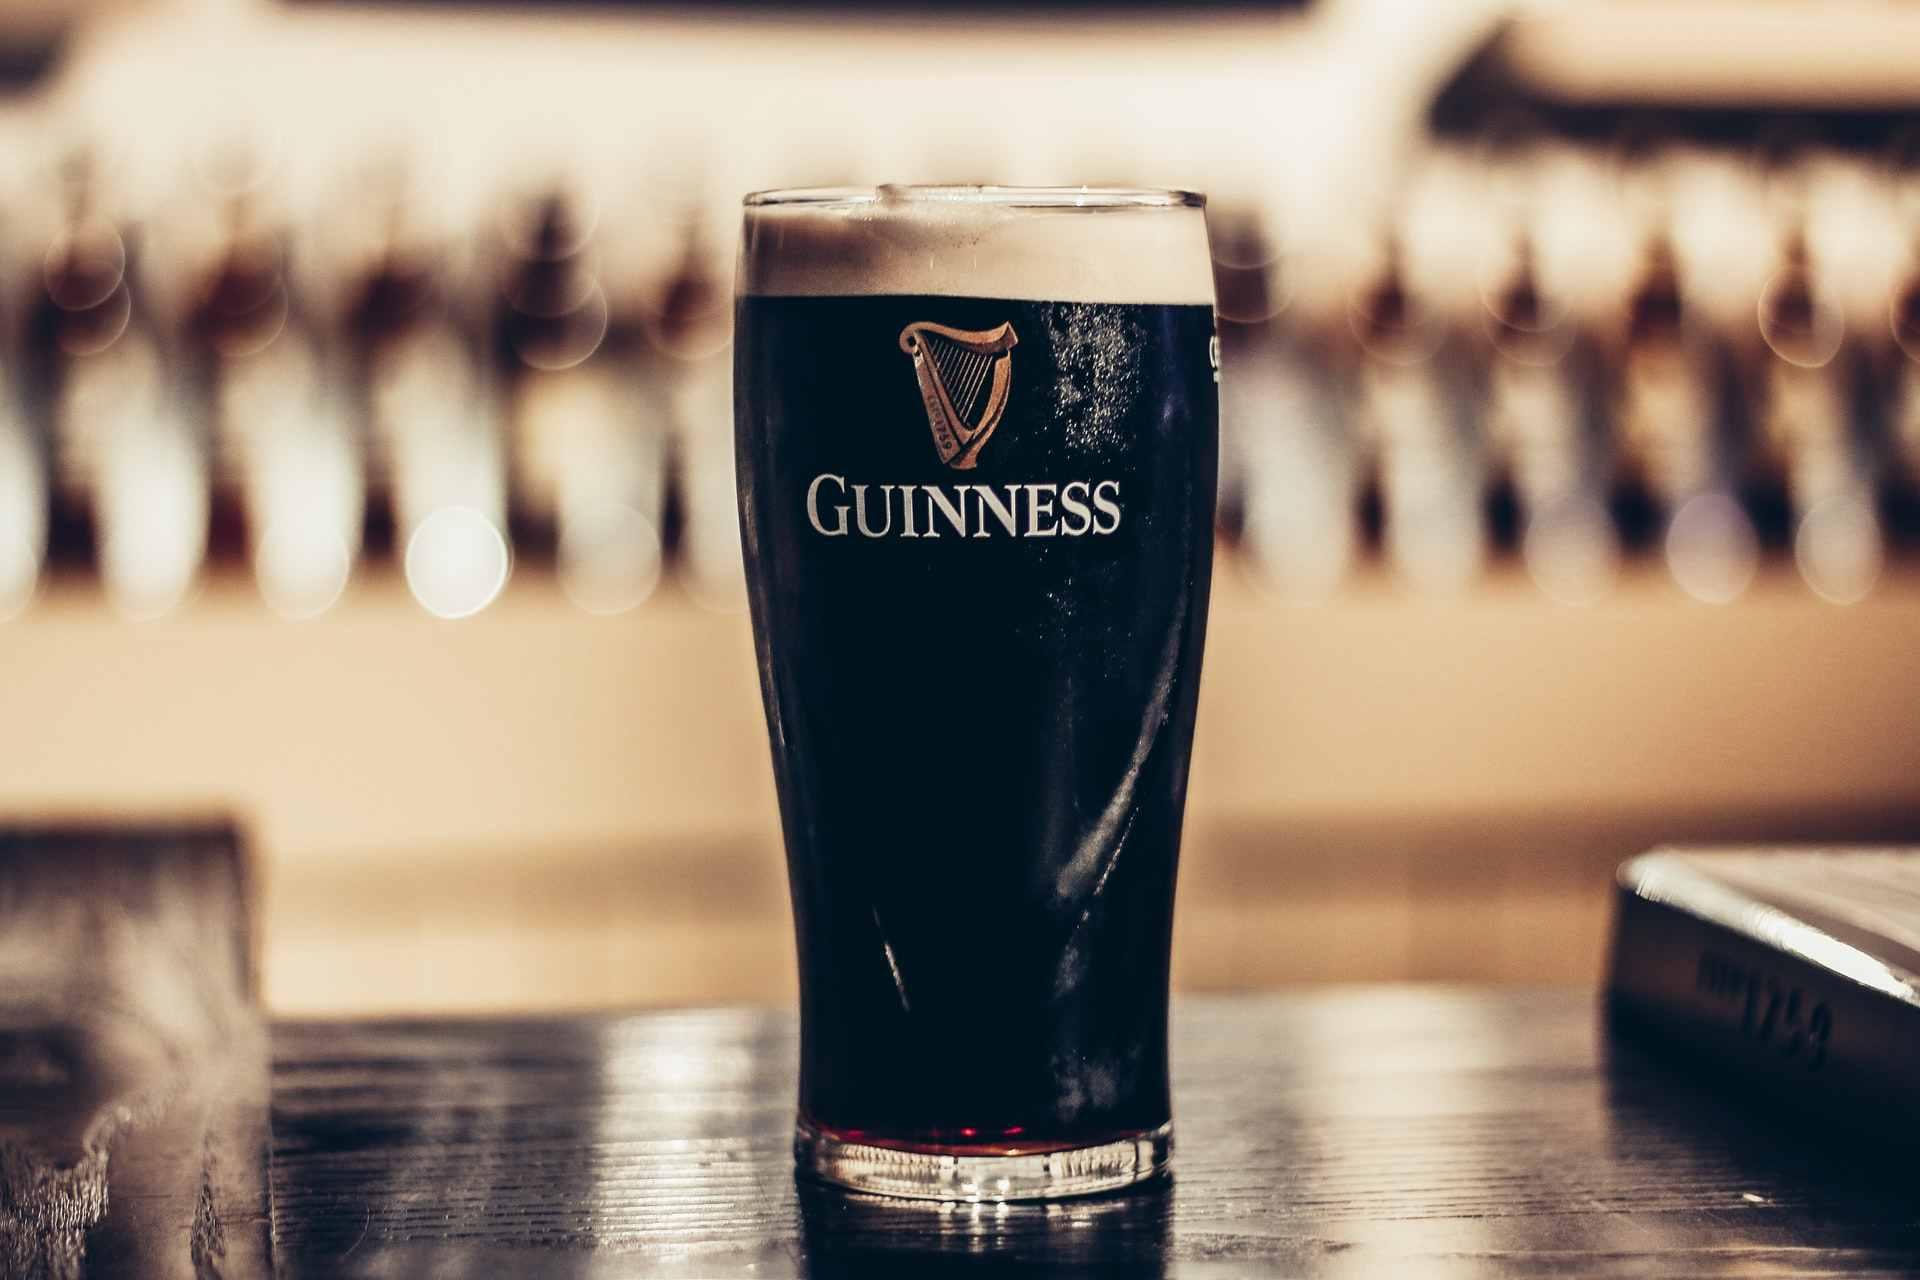 Dublin Guinness local beer.